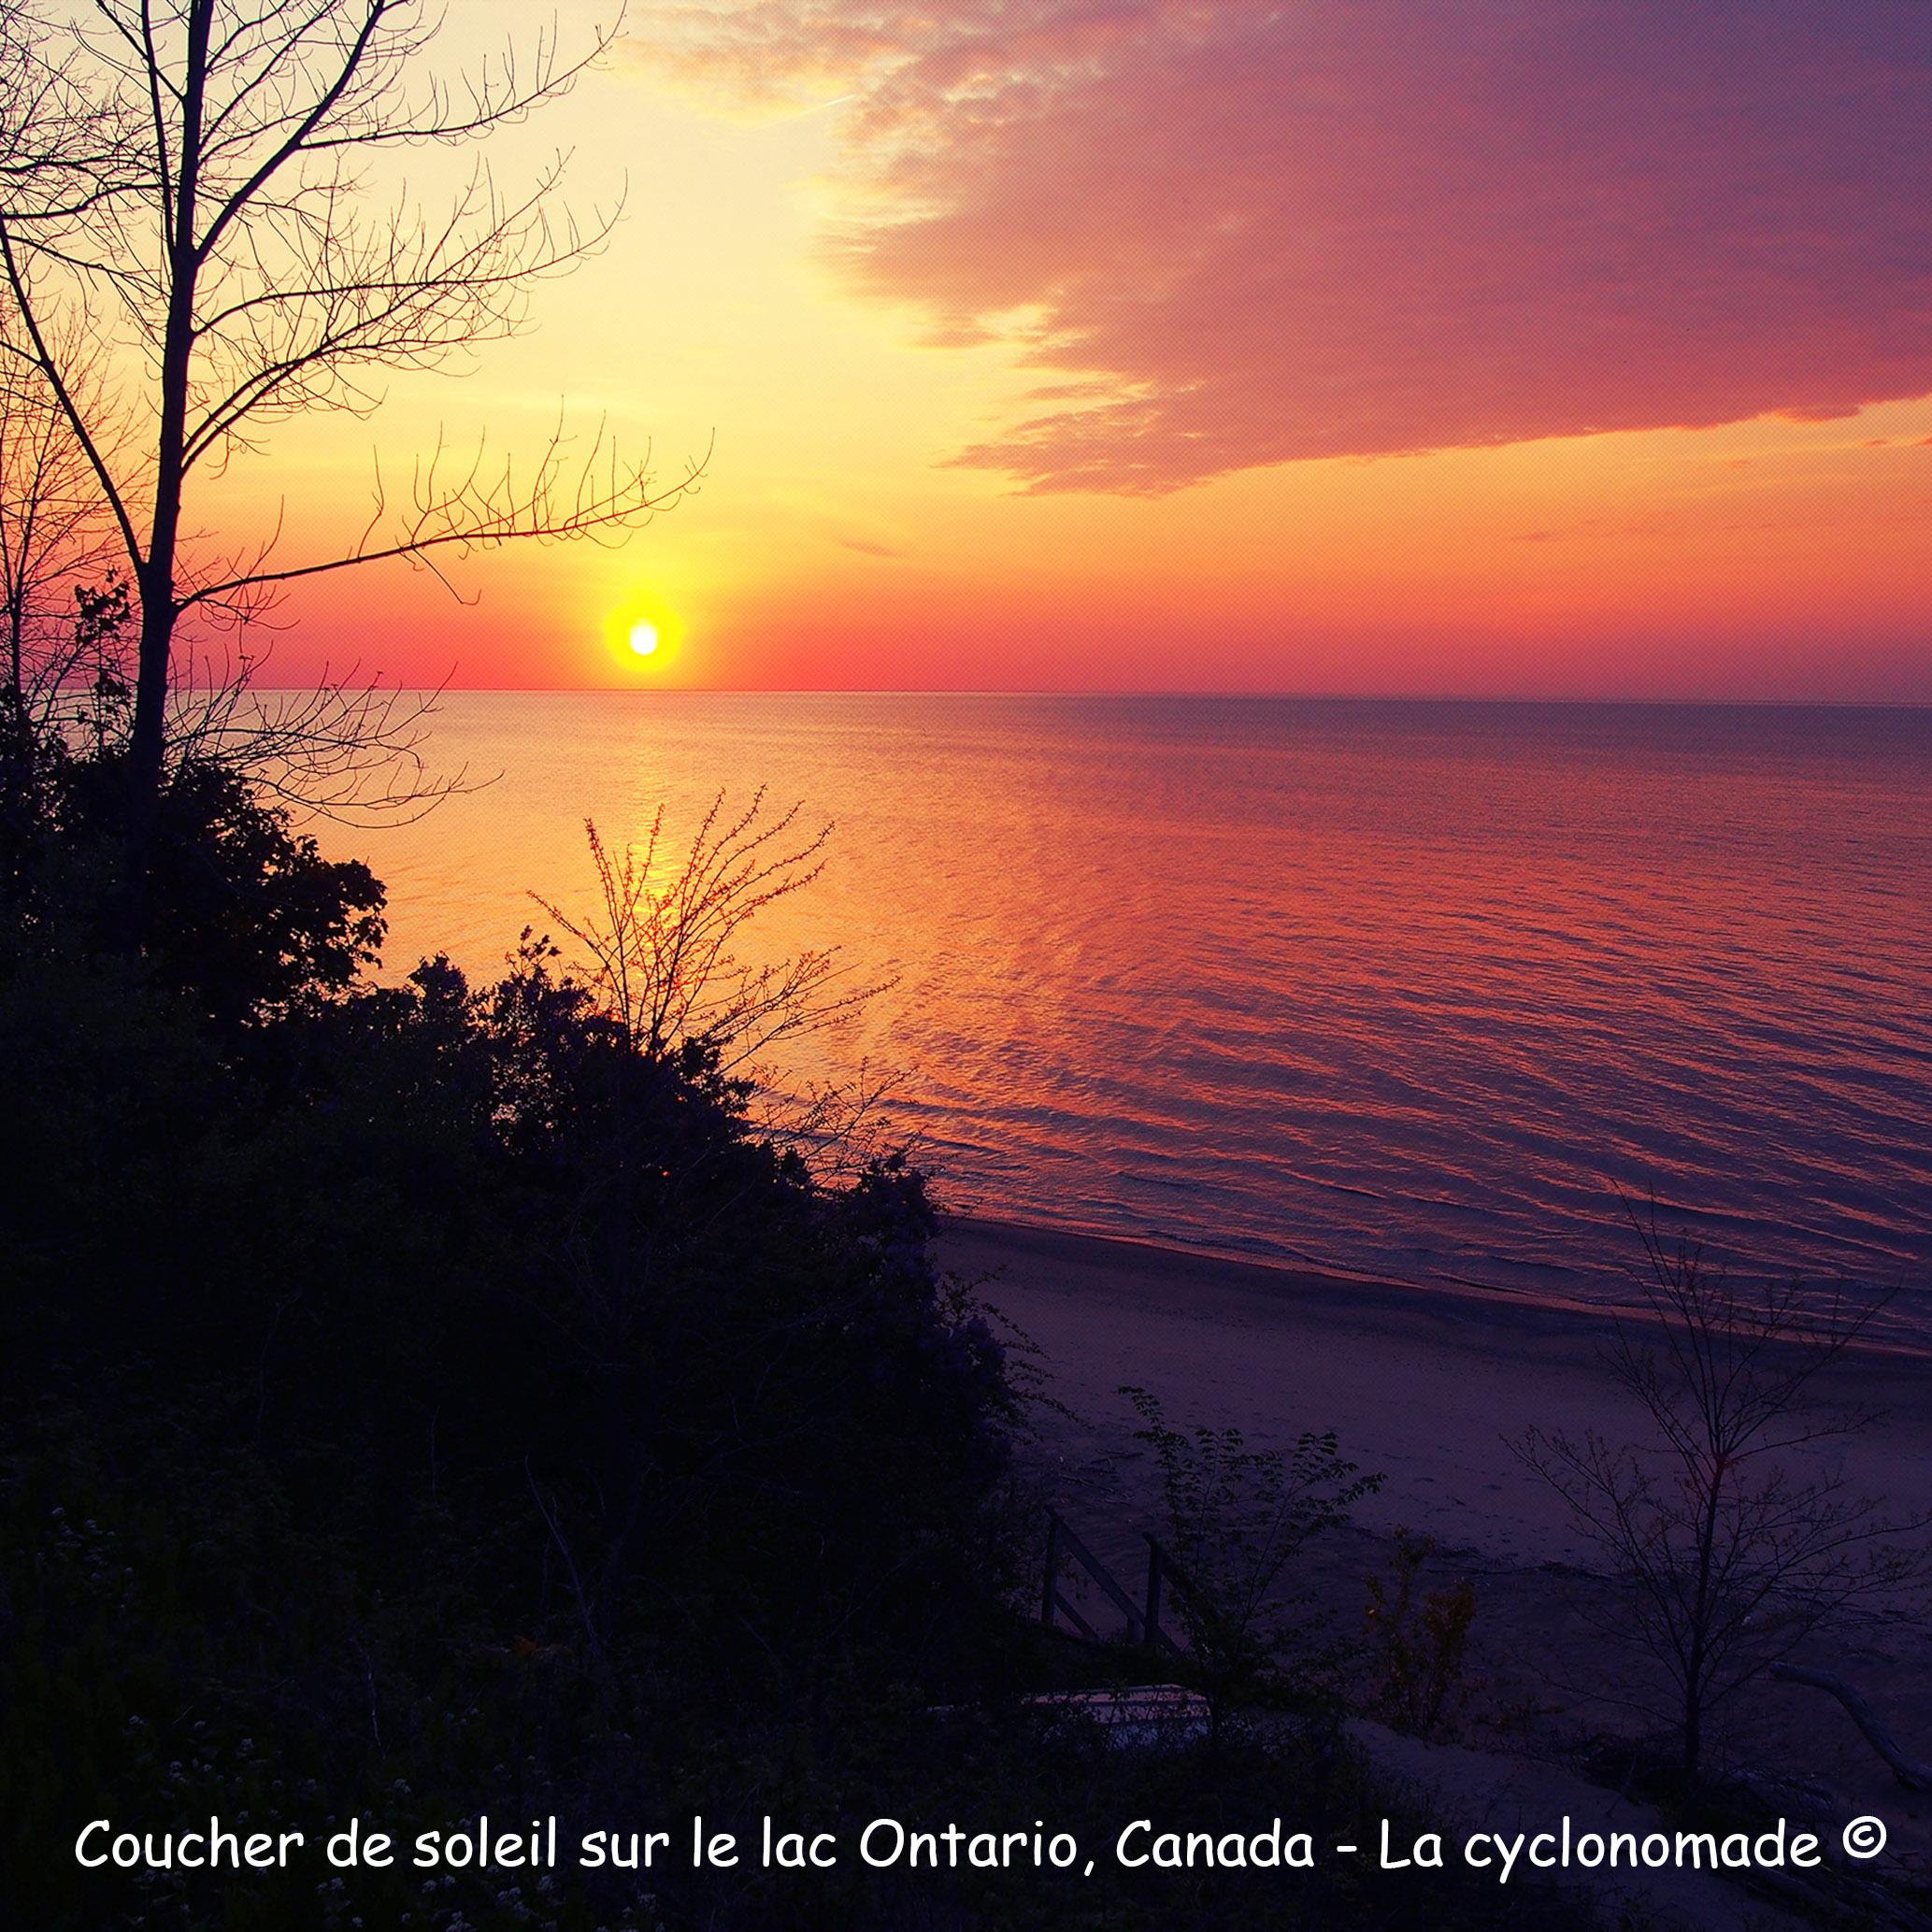 Coucher de soleil sur le lac Ontario